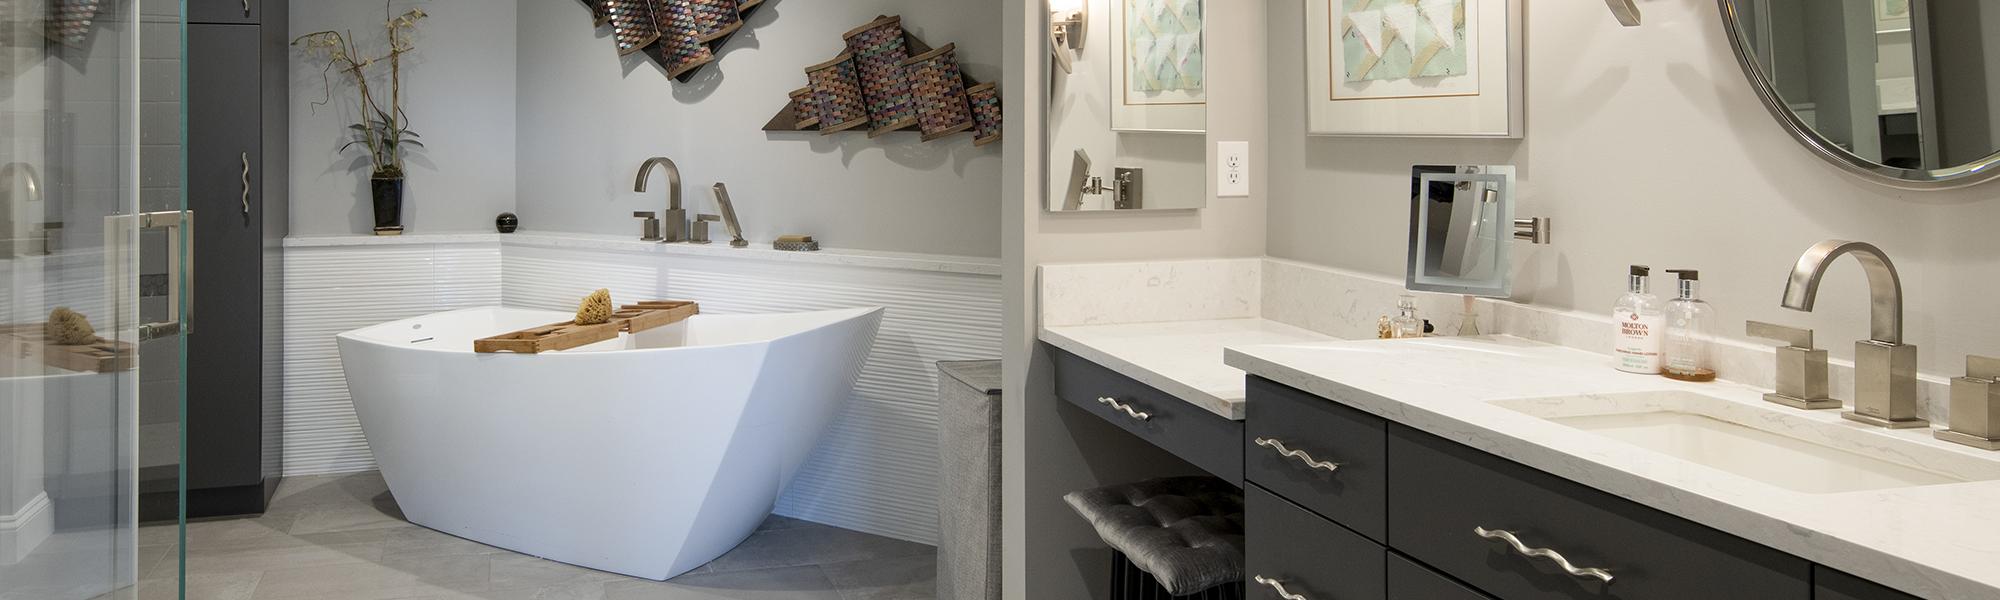 Bethesda Condo Master Bathroom Remodel